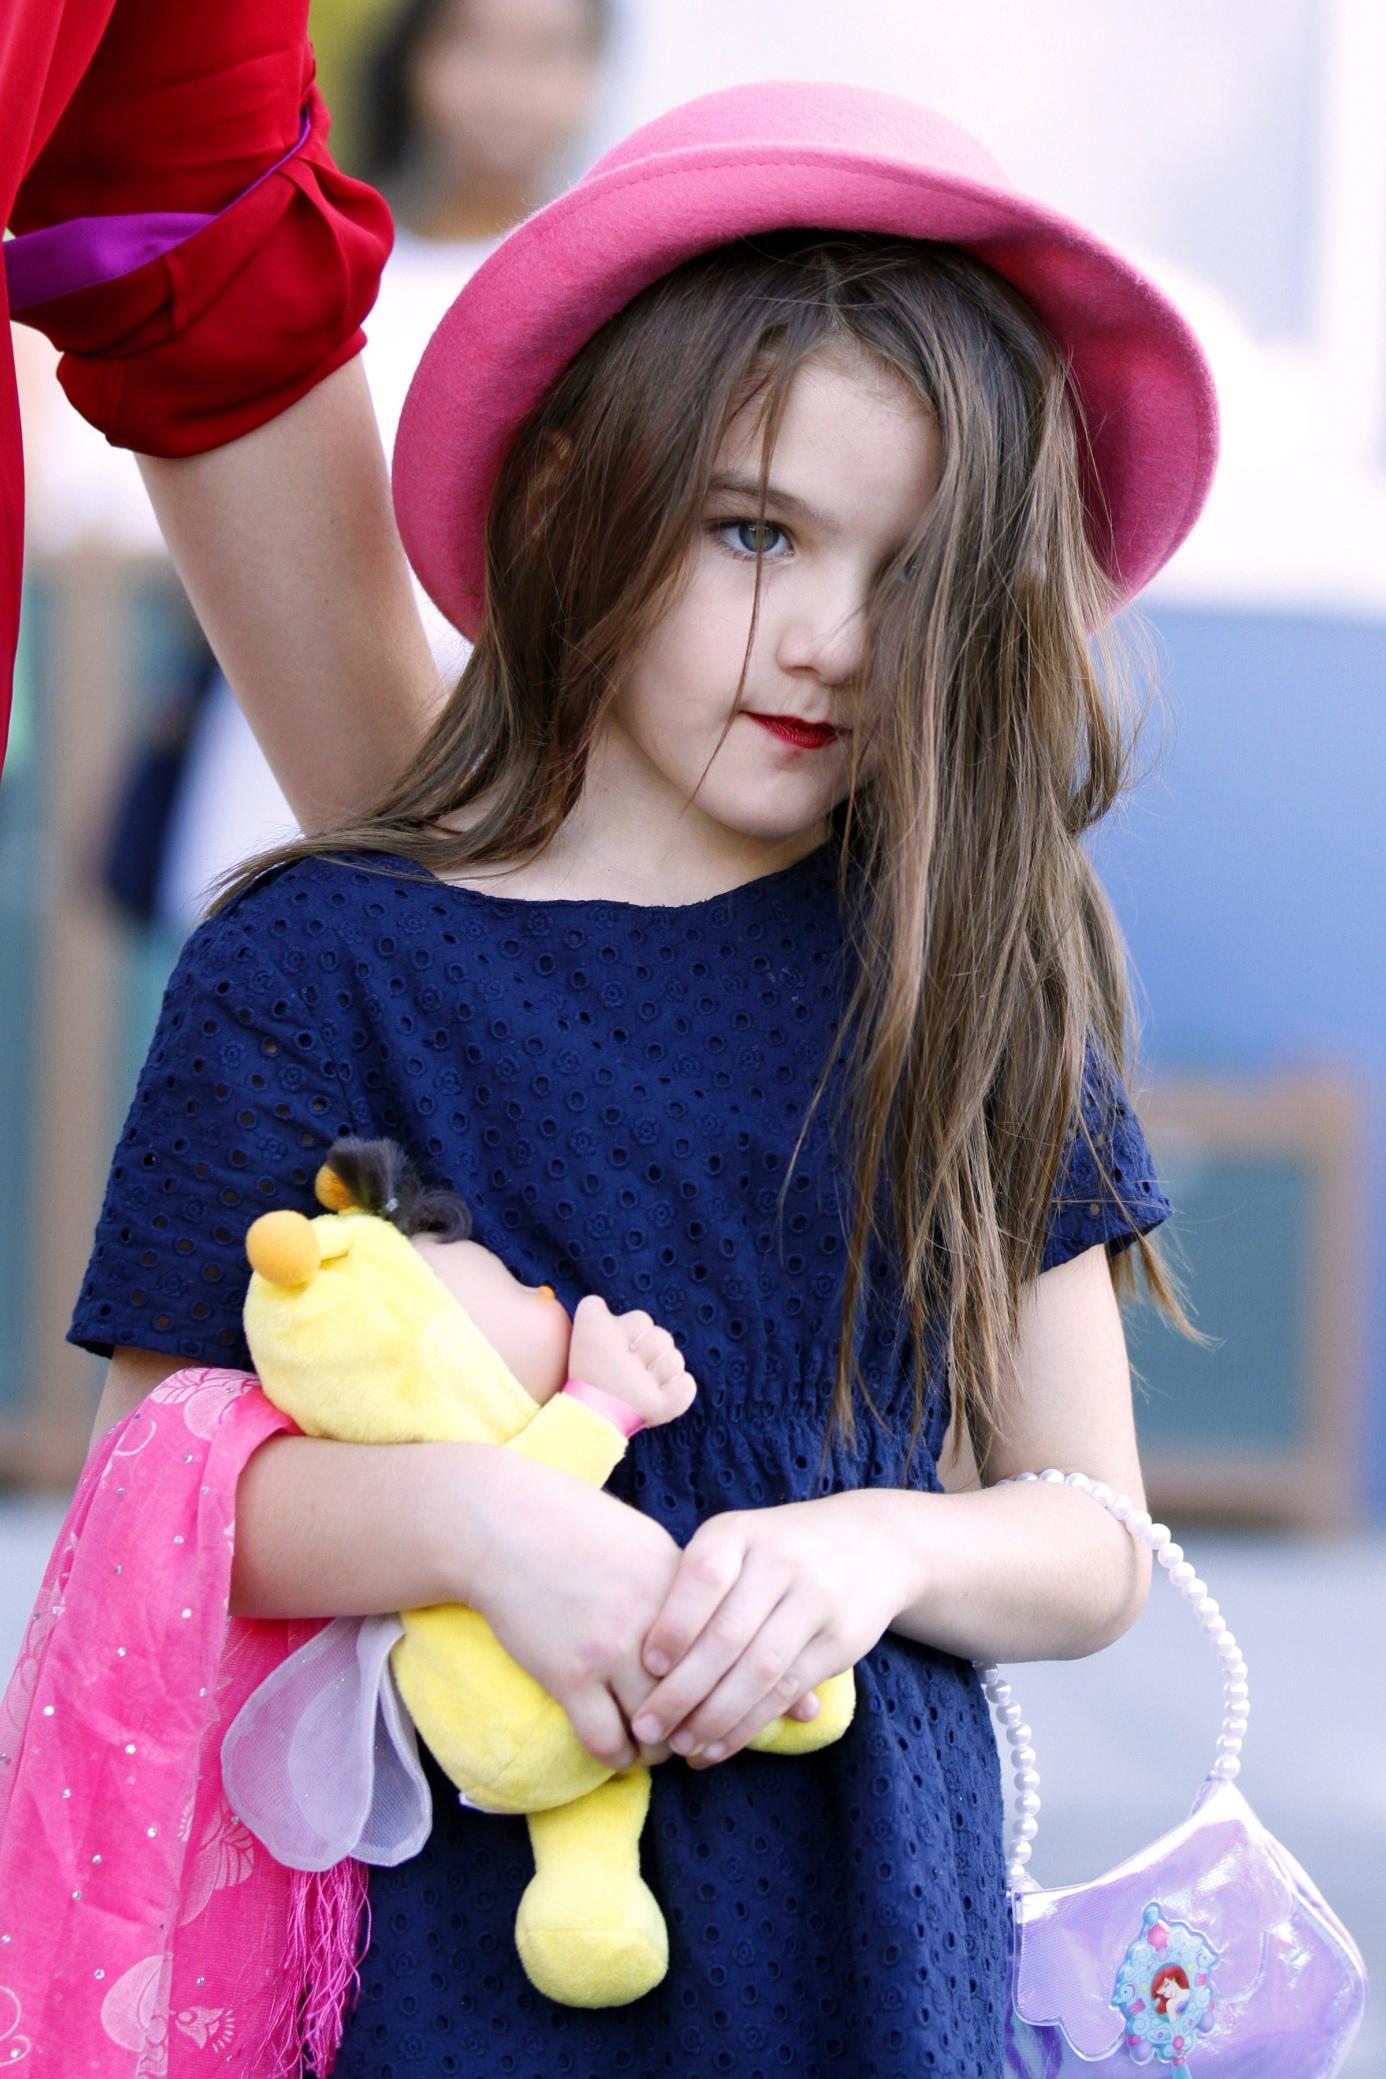 Hành trình nhan sắc 2 công chúa nhà sao hot nhất Hollywood: Harper Beckham xinh ra, Suri Cruise ngày càng bị dìm - Ảnh 24.